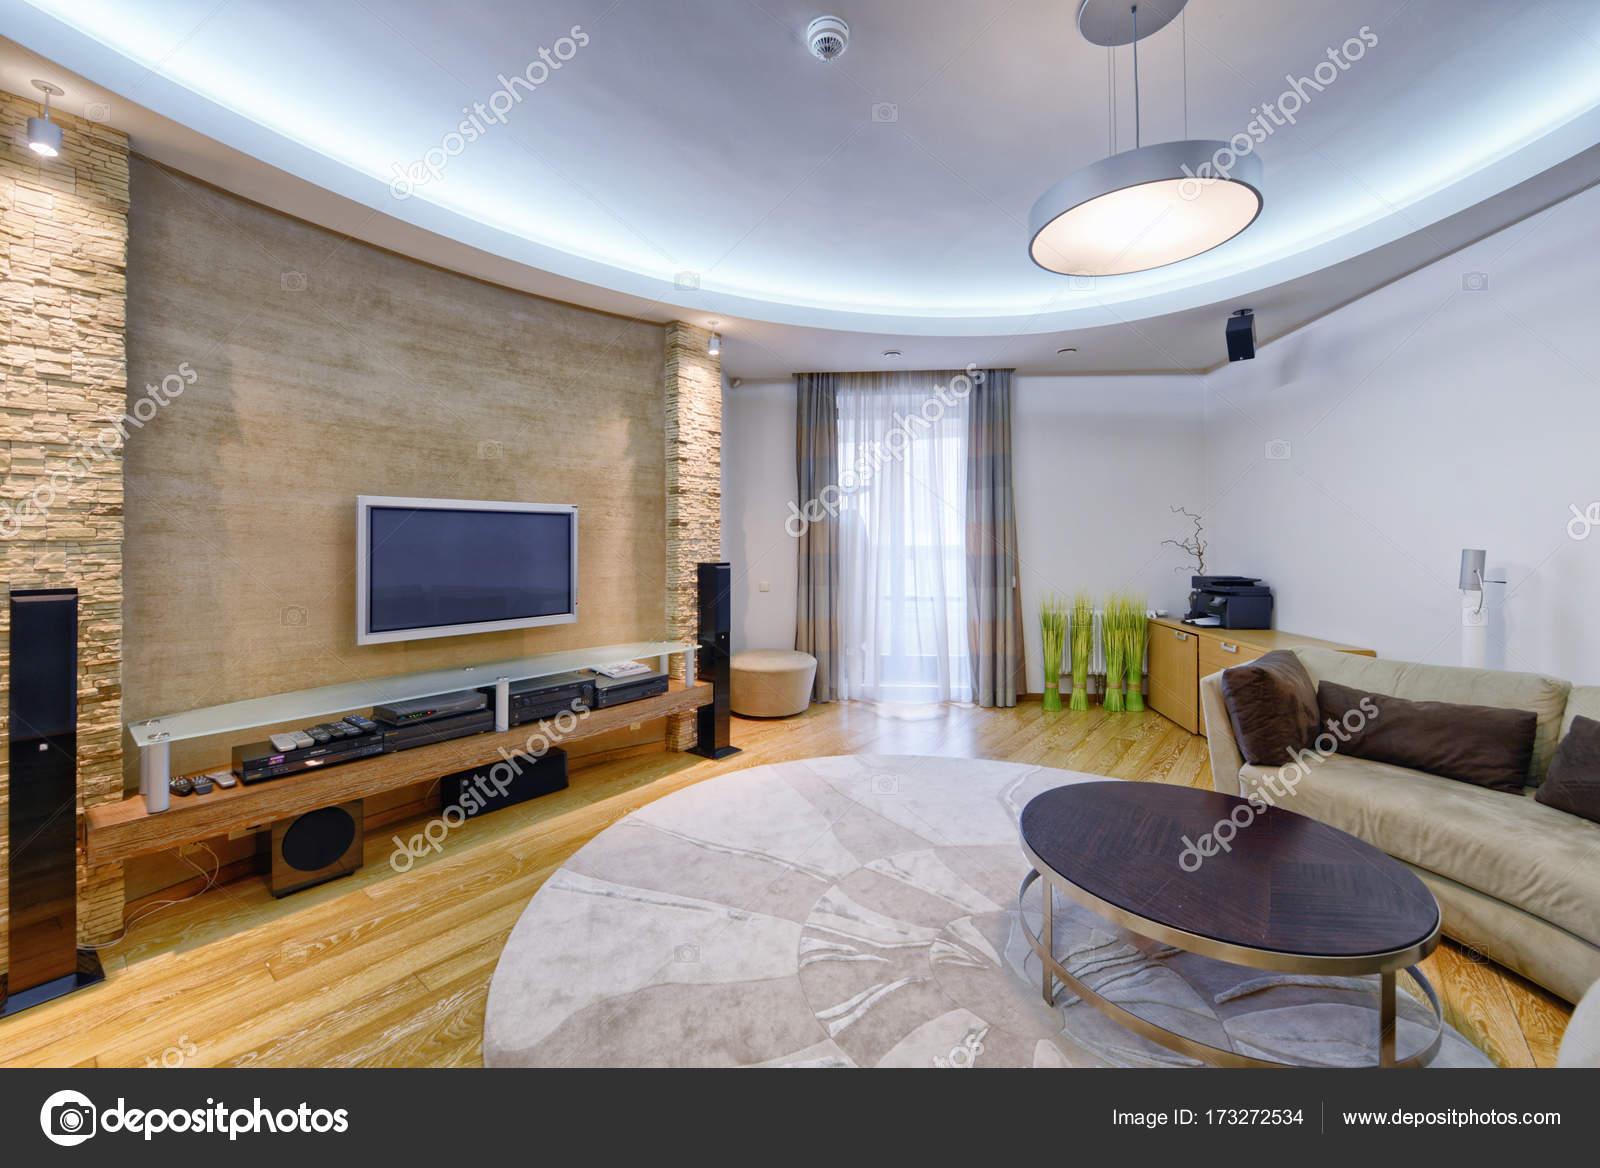 Modern Interieur Woonkamer : Woonkamer interieur in moderne huis u stockfoto ovchinnikovfoto